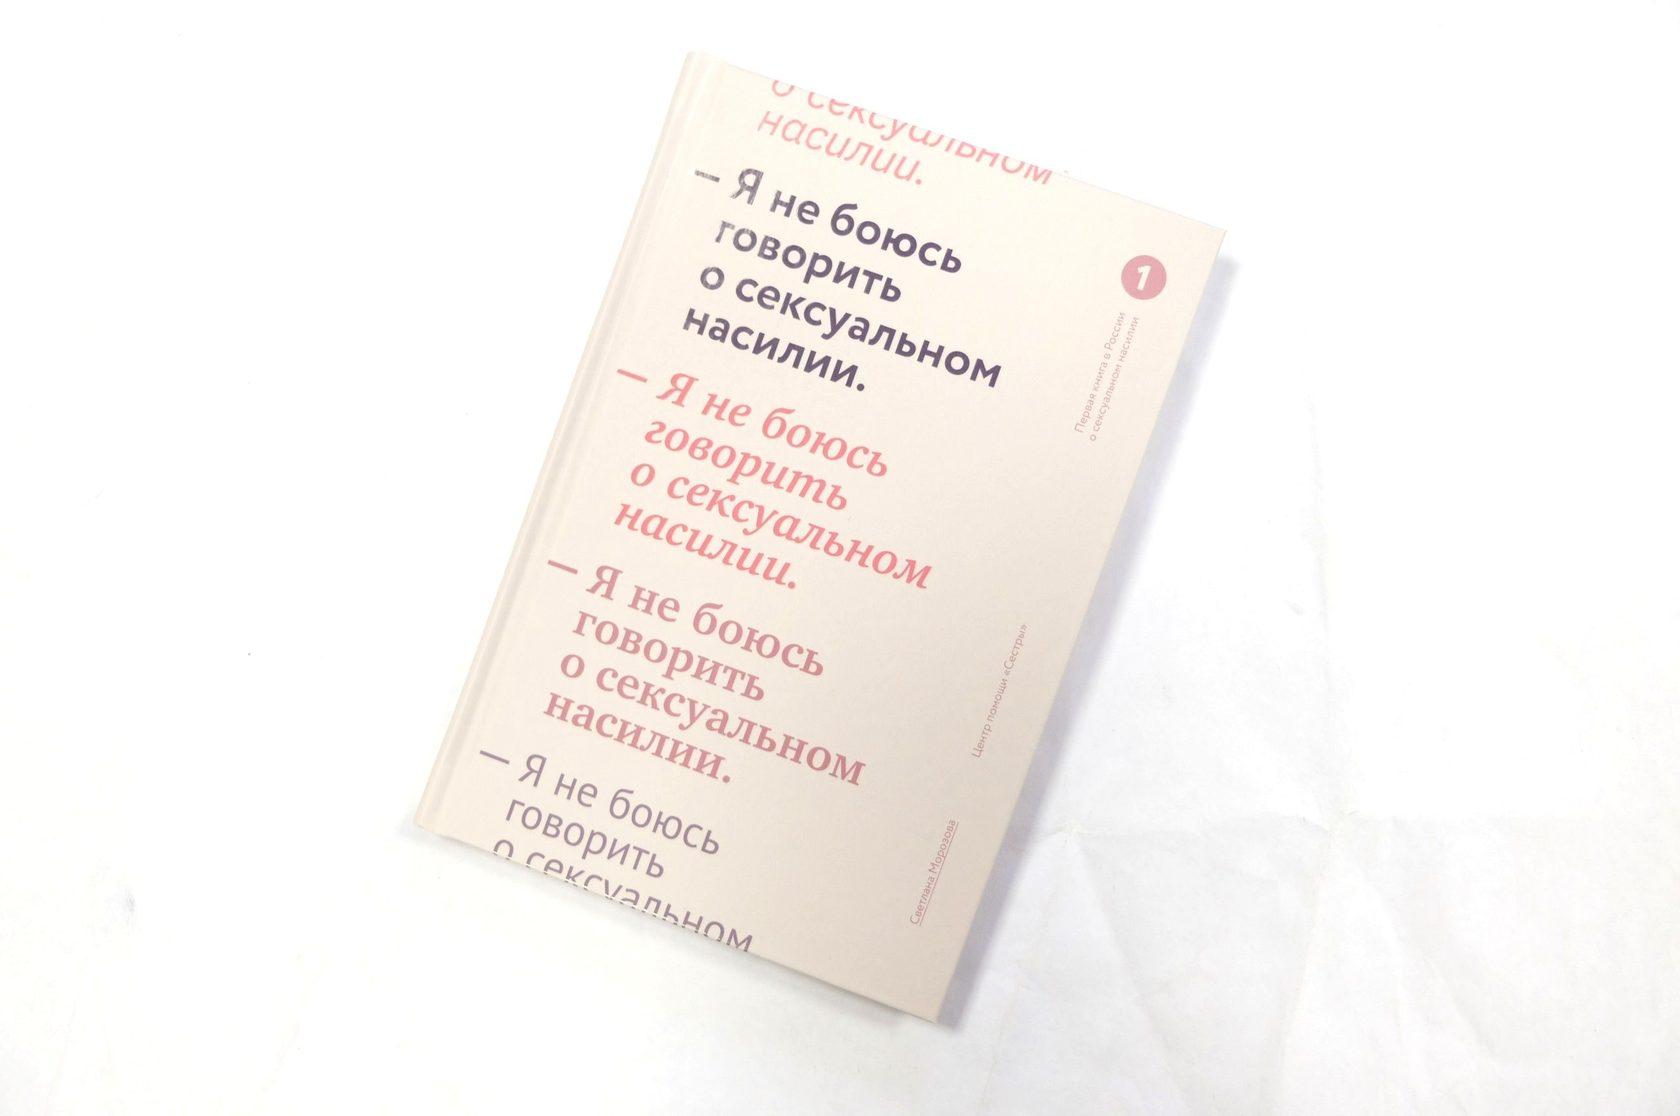 Книга «Я не боюсь говорить о сексуальном насилии»